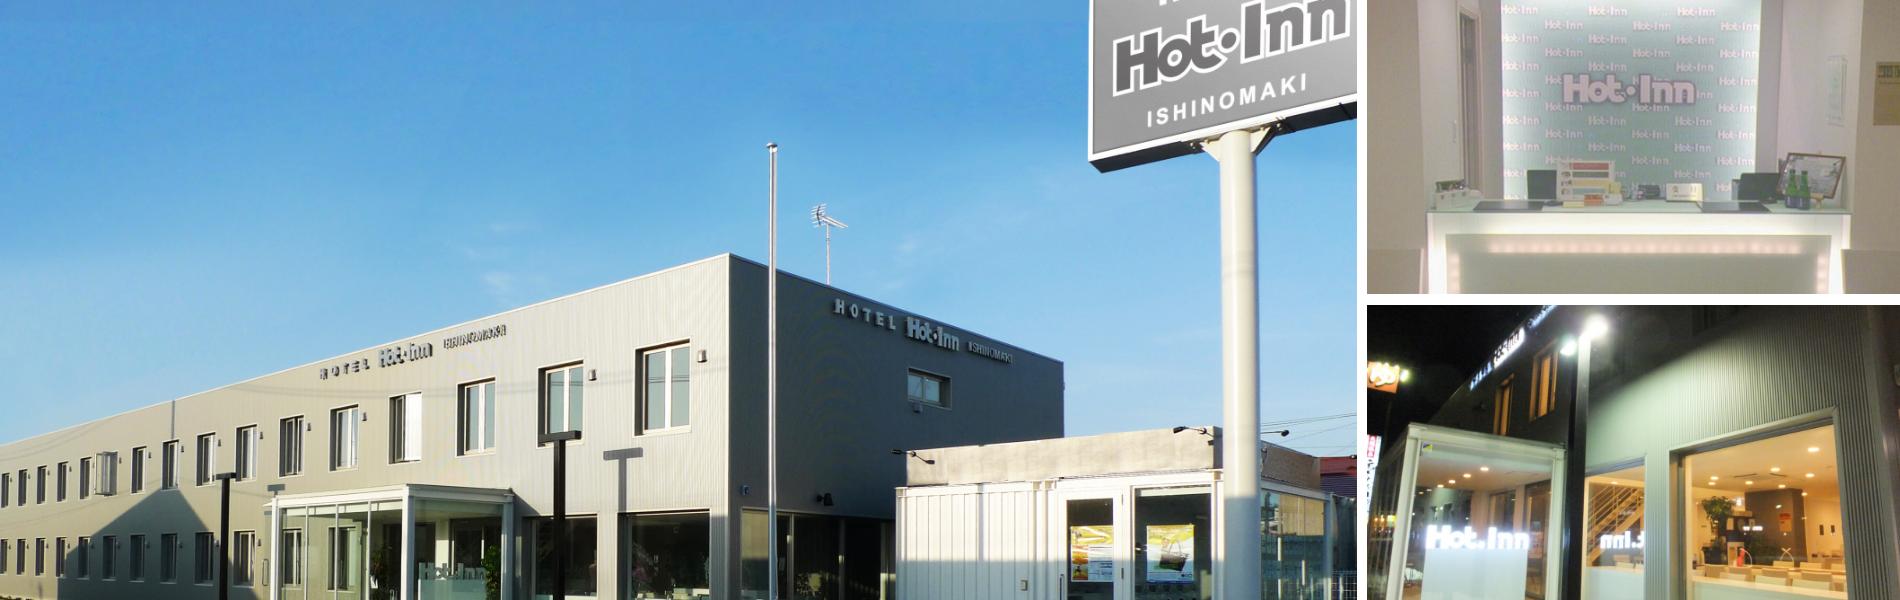 ホテルホットインは皆さまに愛されるホテルを目指し今日も営業しております。